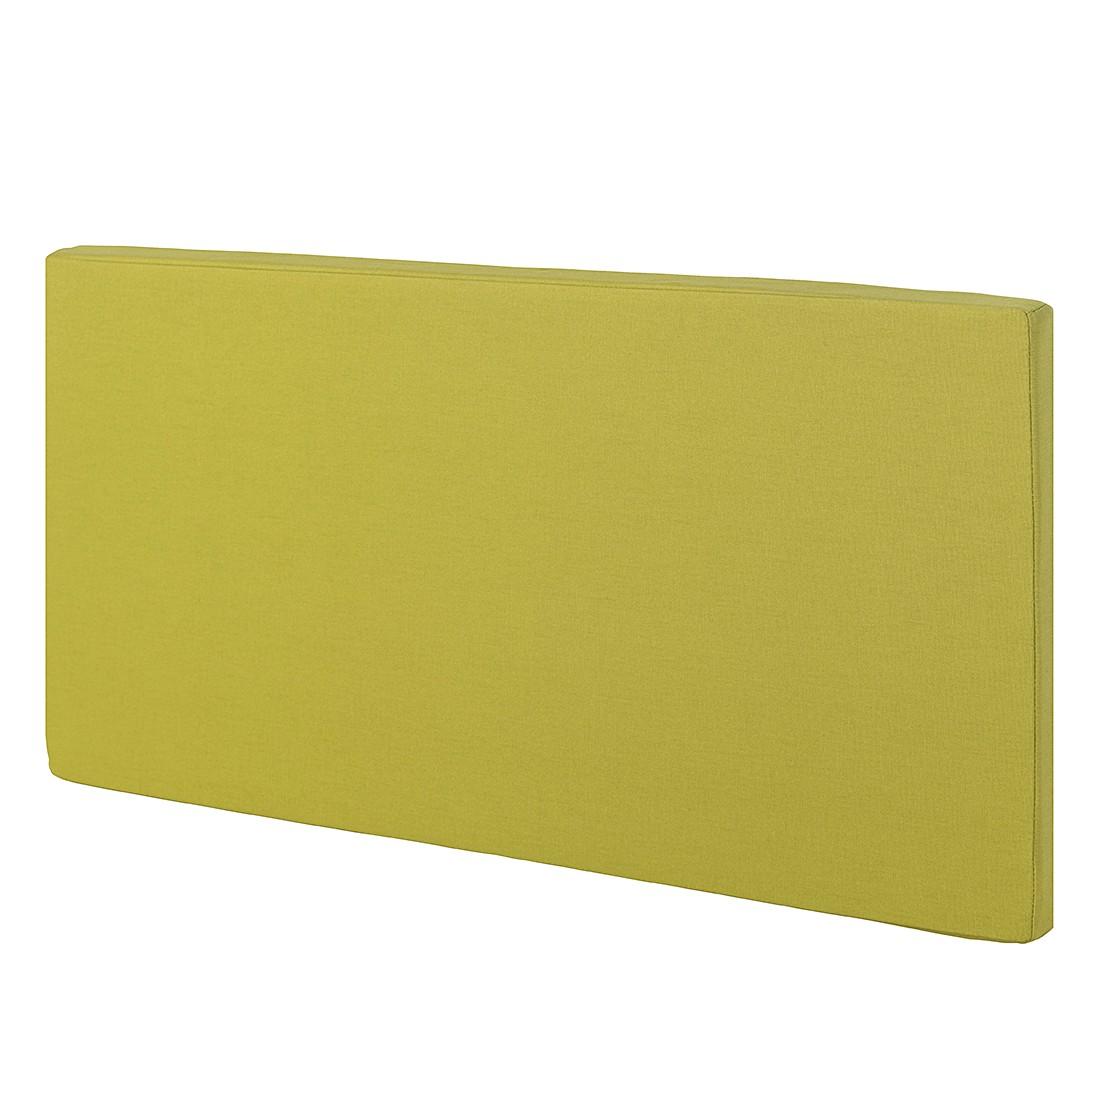 Wandkopfschutz Mia - Grün